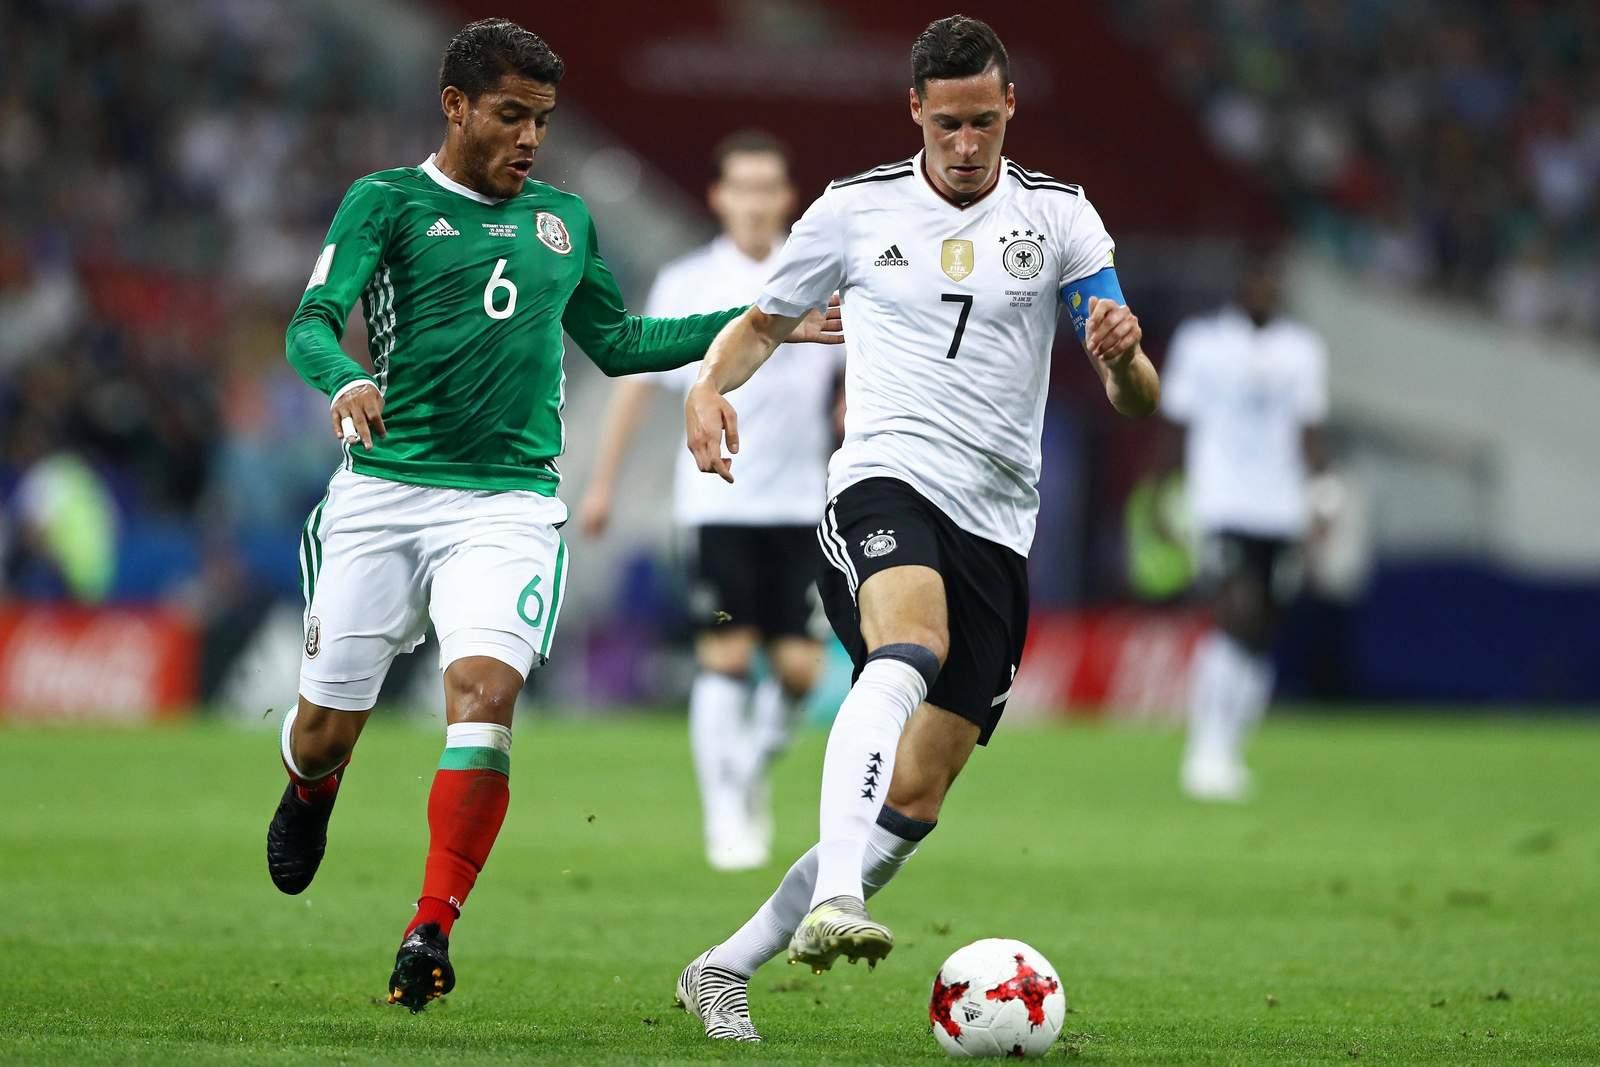 Julian Draxler im Duell mit Jonathan Dos Santos. Jetzt auf Deutschland gegen Mexiko wetten.